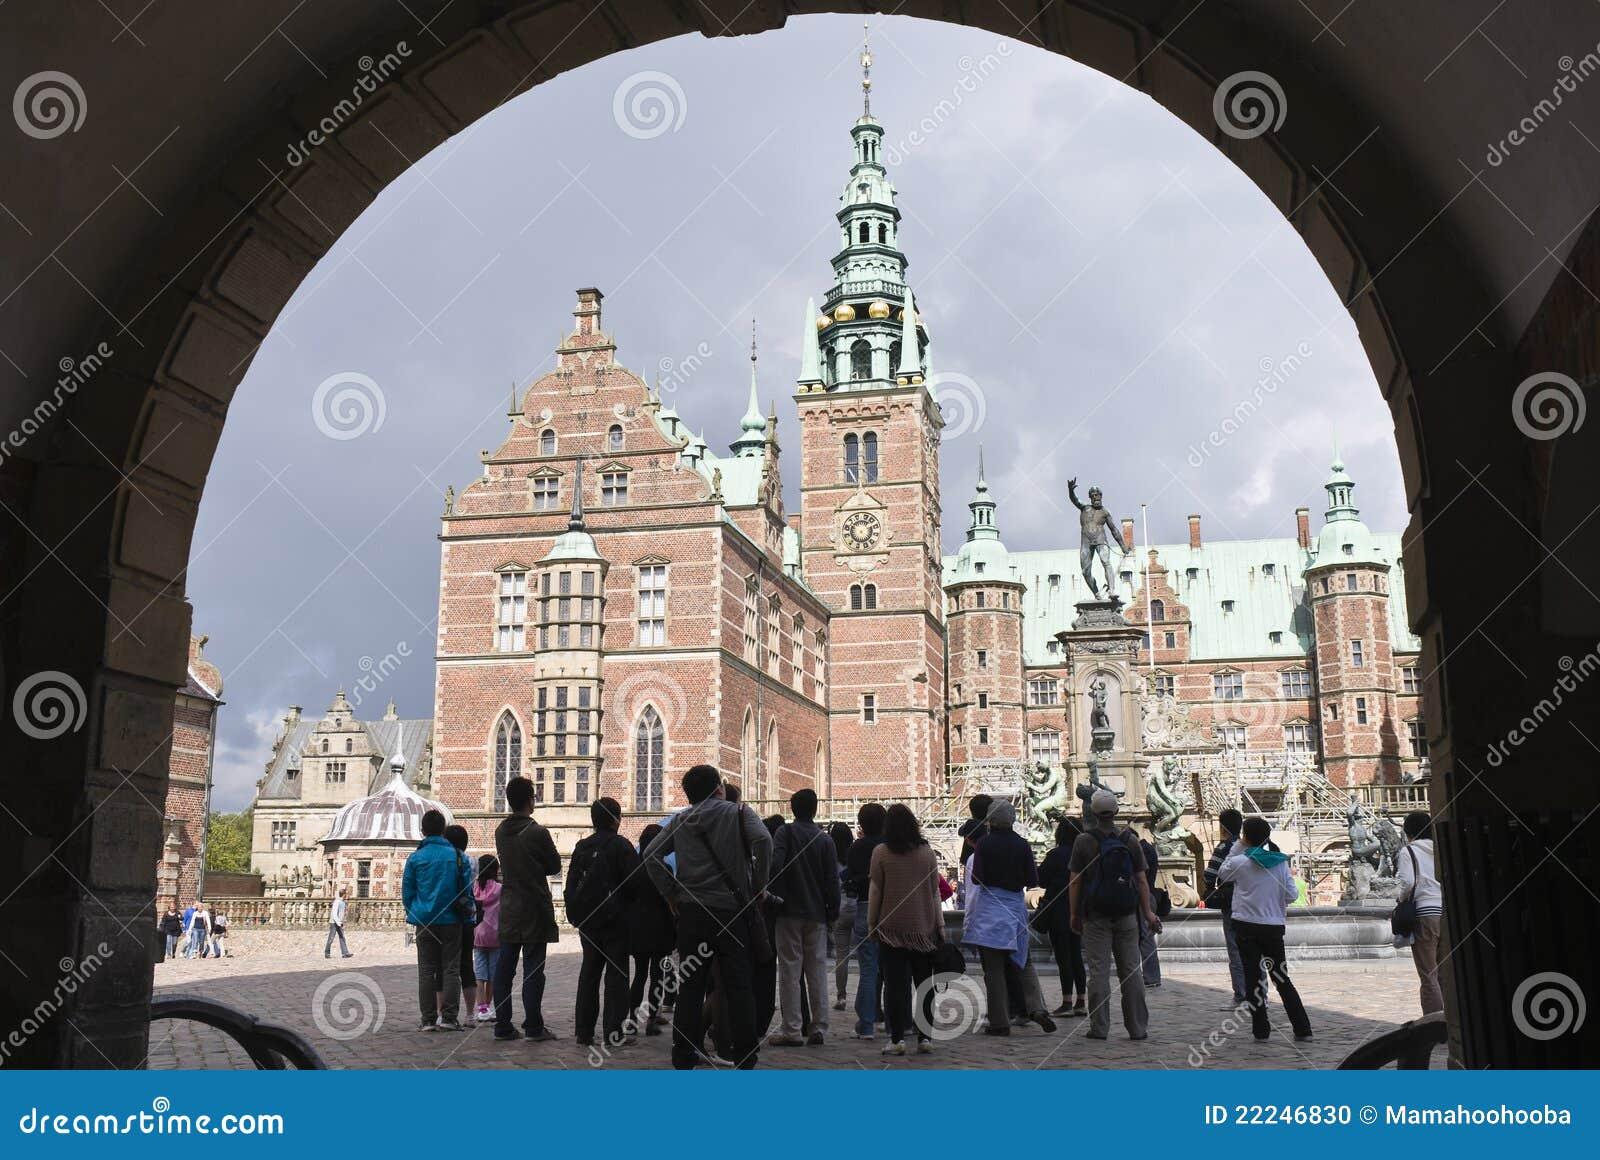 城堡丹麦菲特列堡希勒勒游人